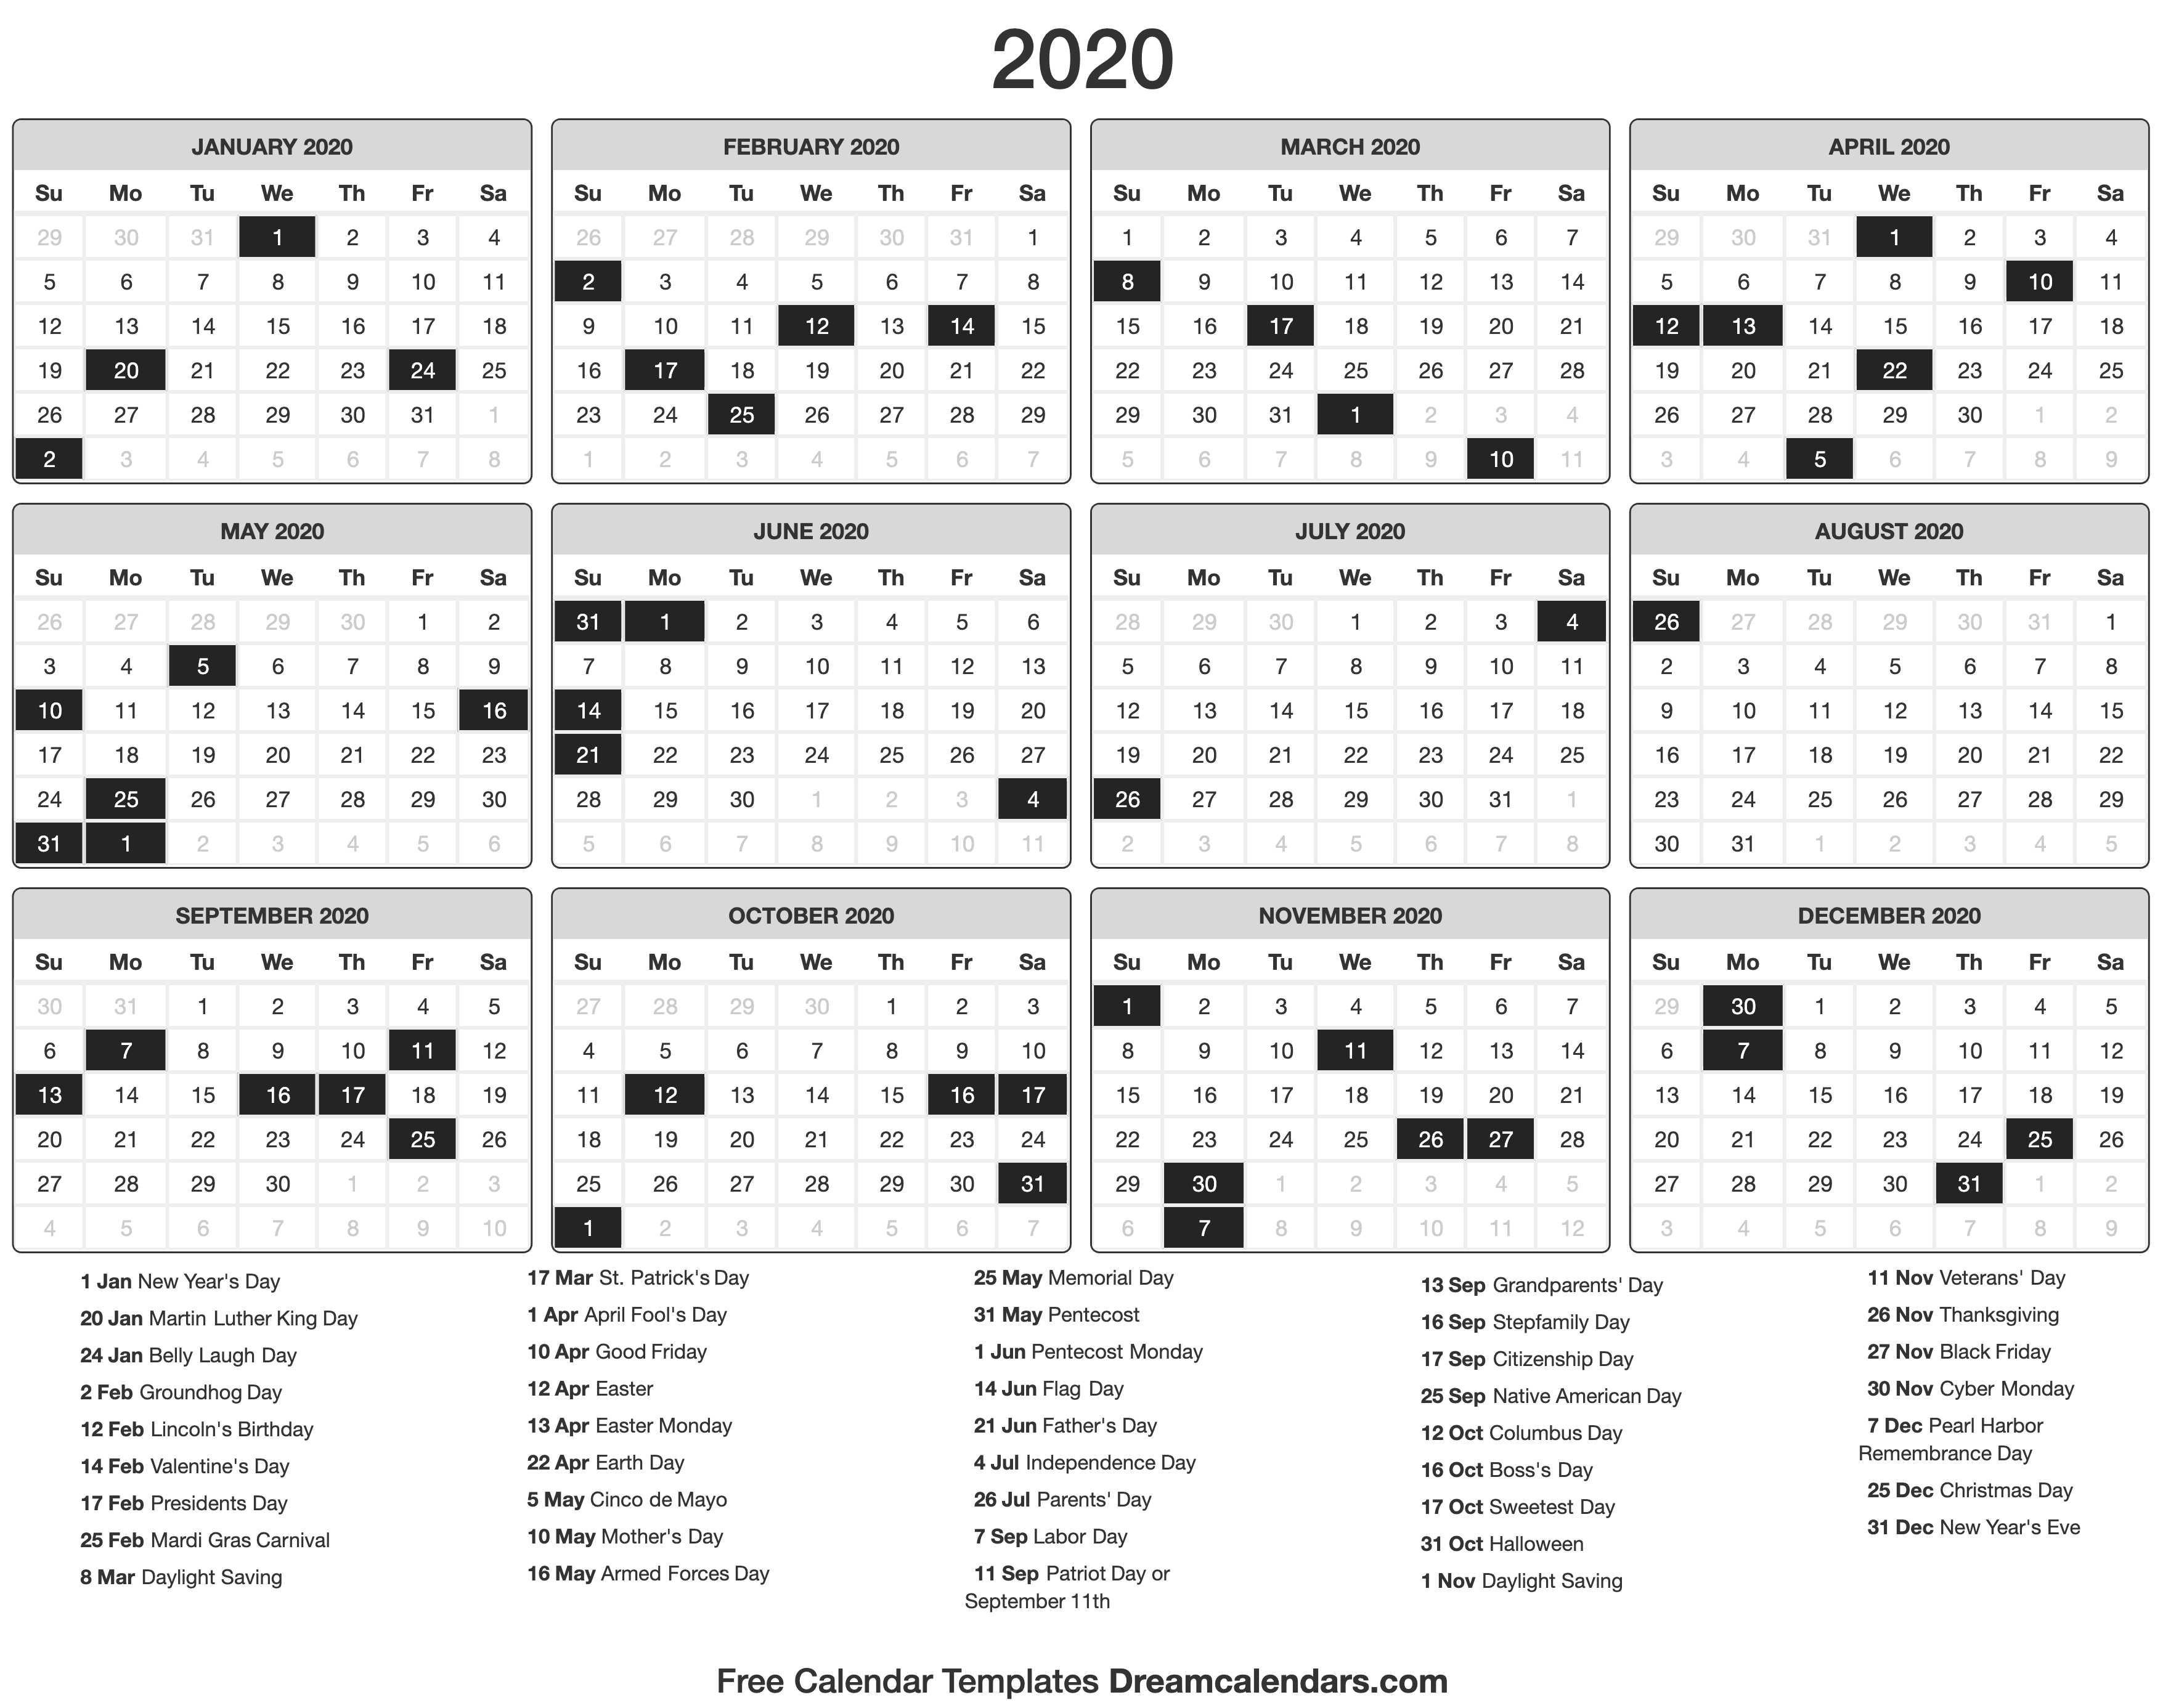 Printable 2020 Calendar - Dream Calendars-2020-2020 Printable Calendar With No Holidays